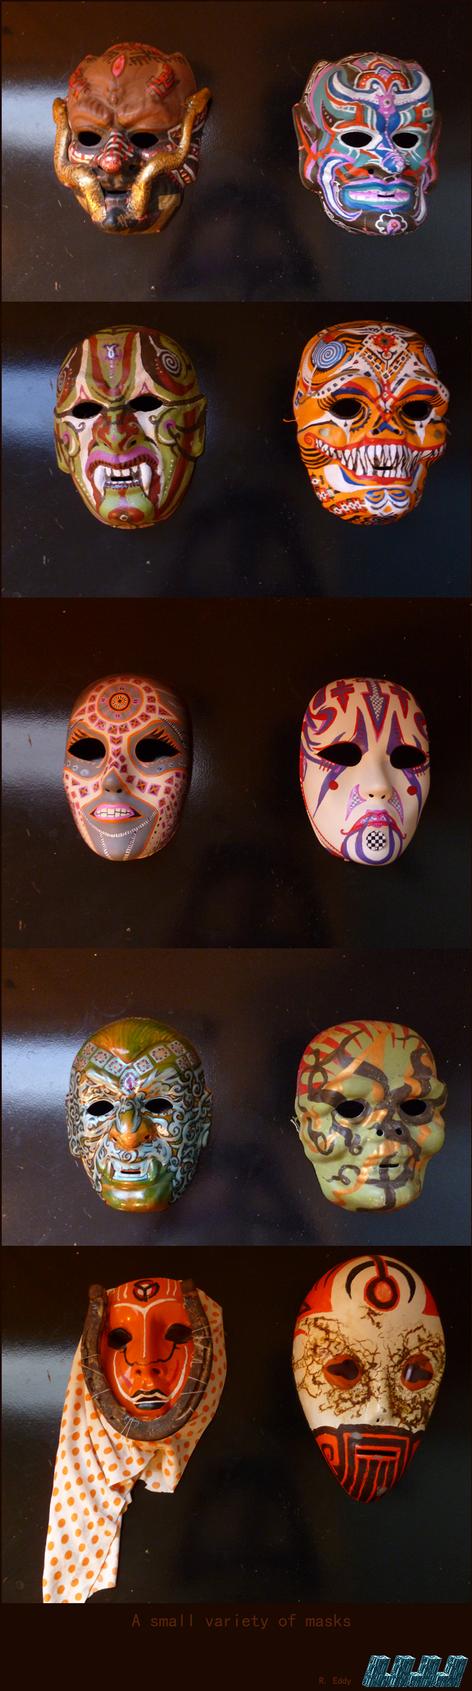 Ten masks by Lijj